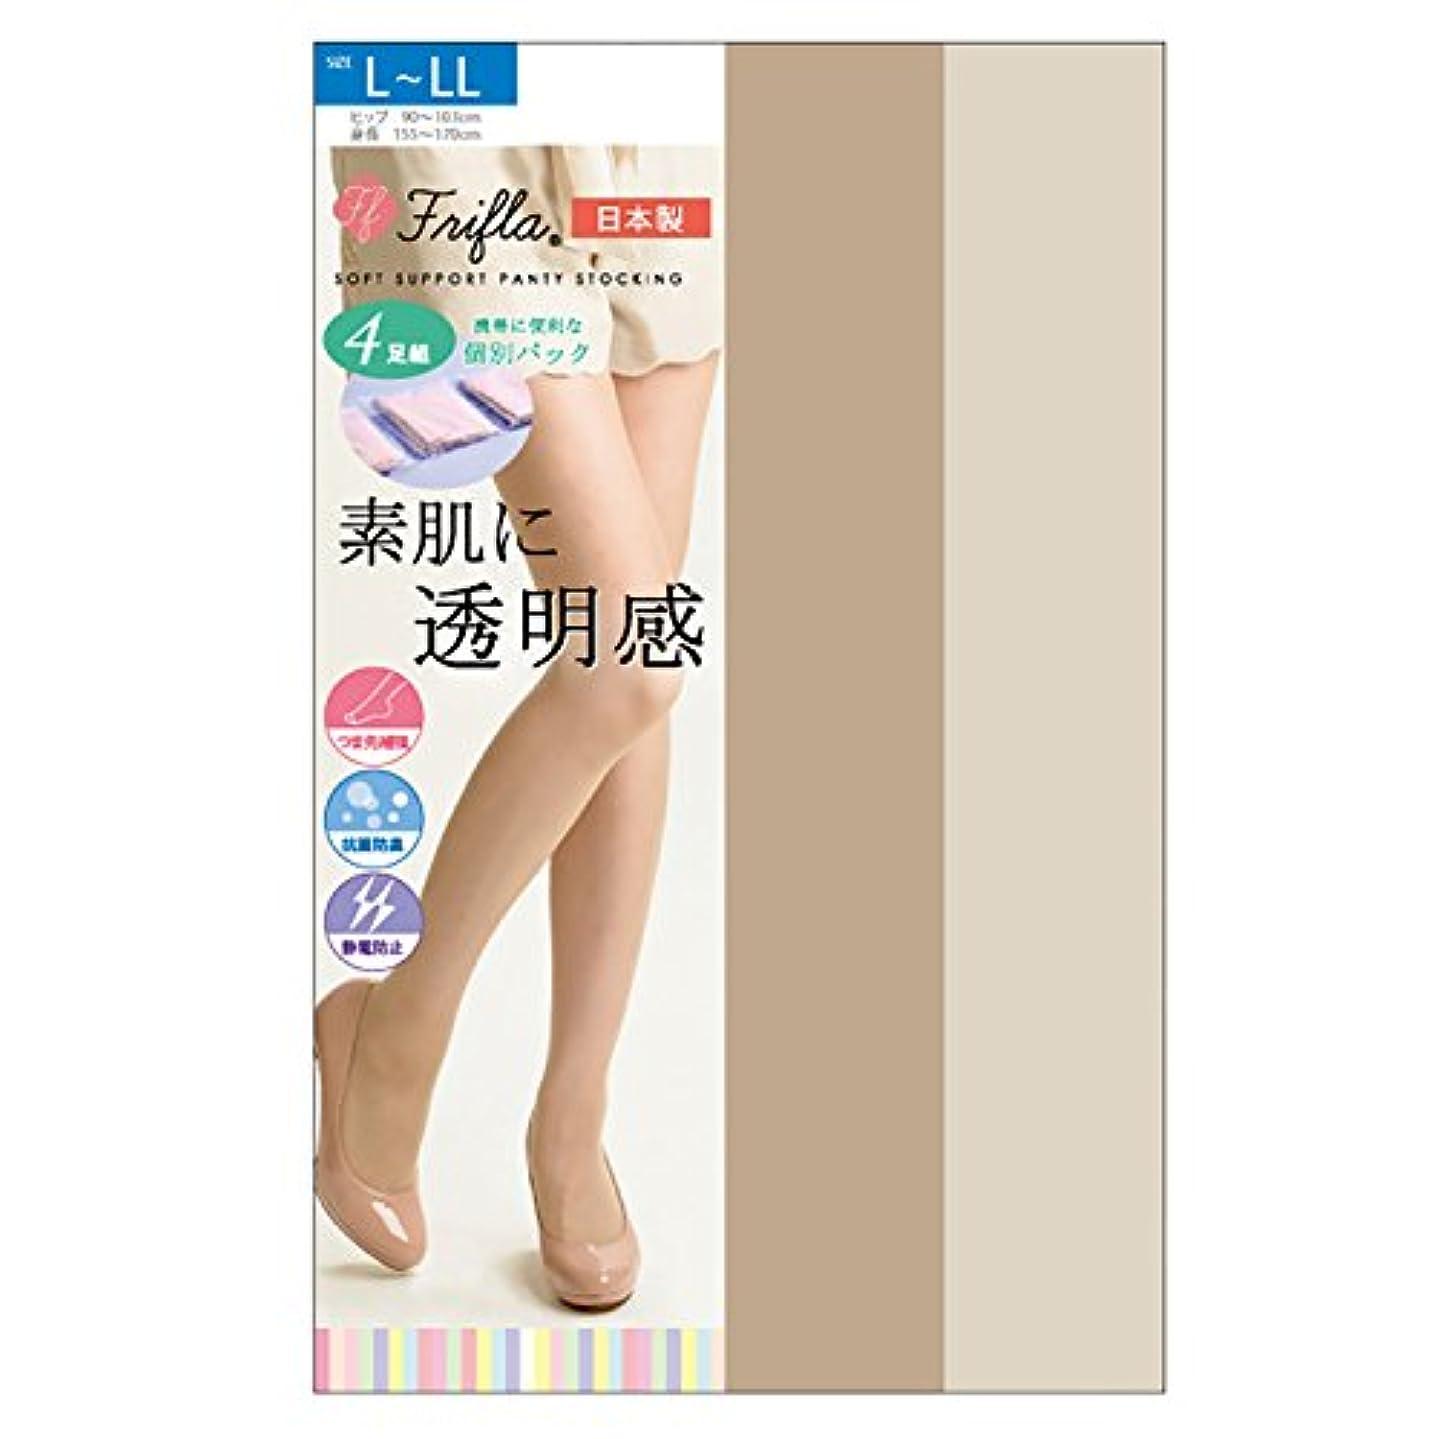 骨区画充電素肌に透明感 ソフトサポートタイプ 交編ストッキング 4足組 日本製-素肌感 個包装 抗菌防臭 静電気防止 M-L L-LL パンスト (L-LL, ピュアベージュ)